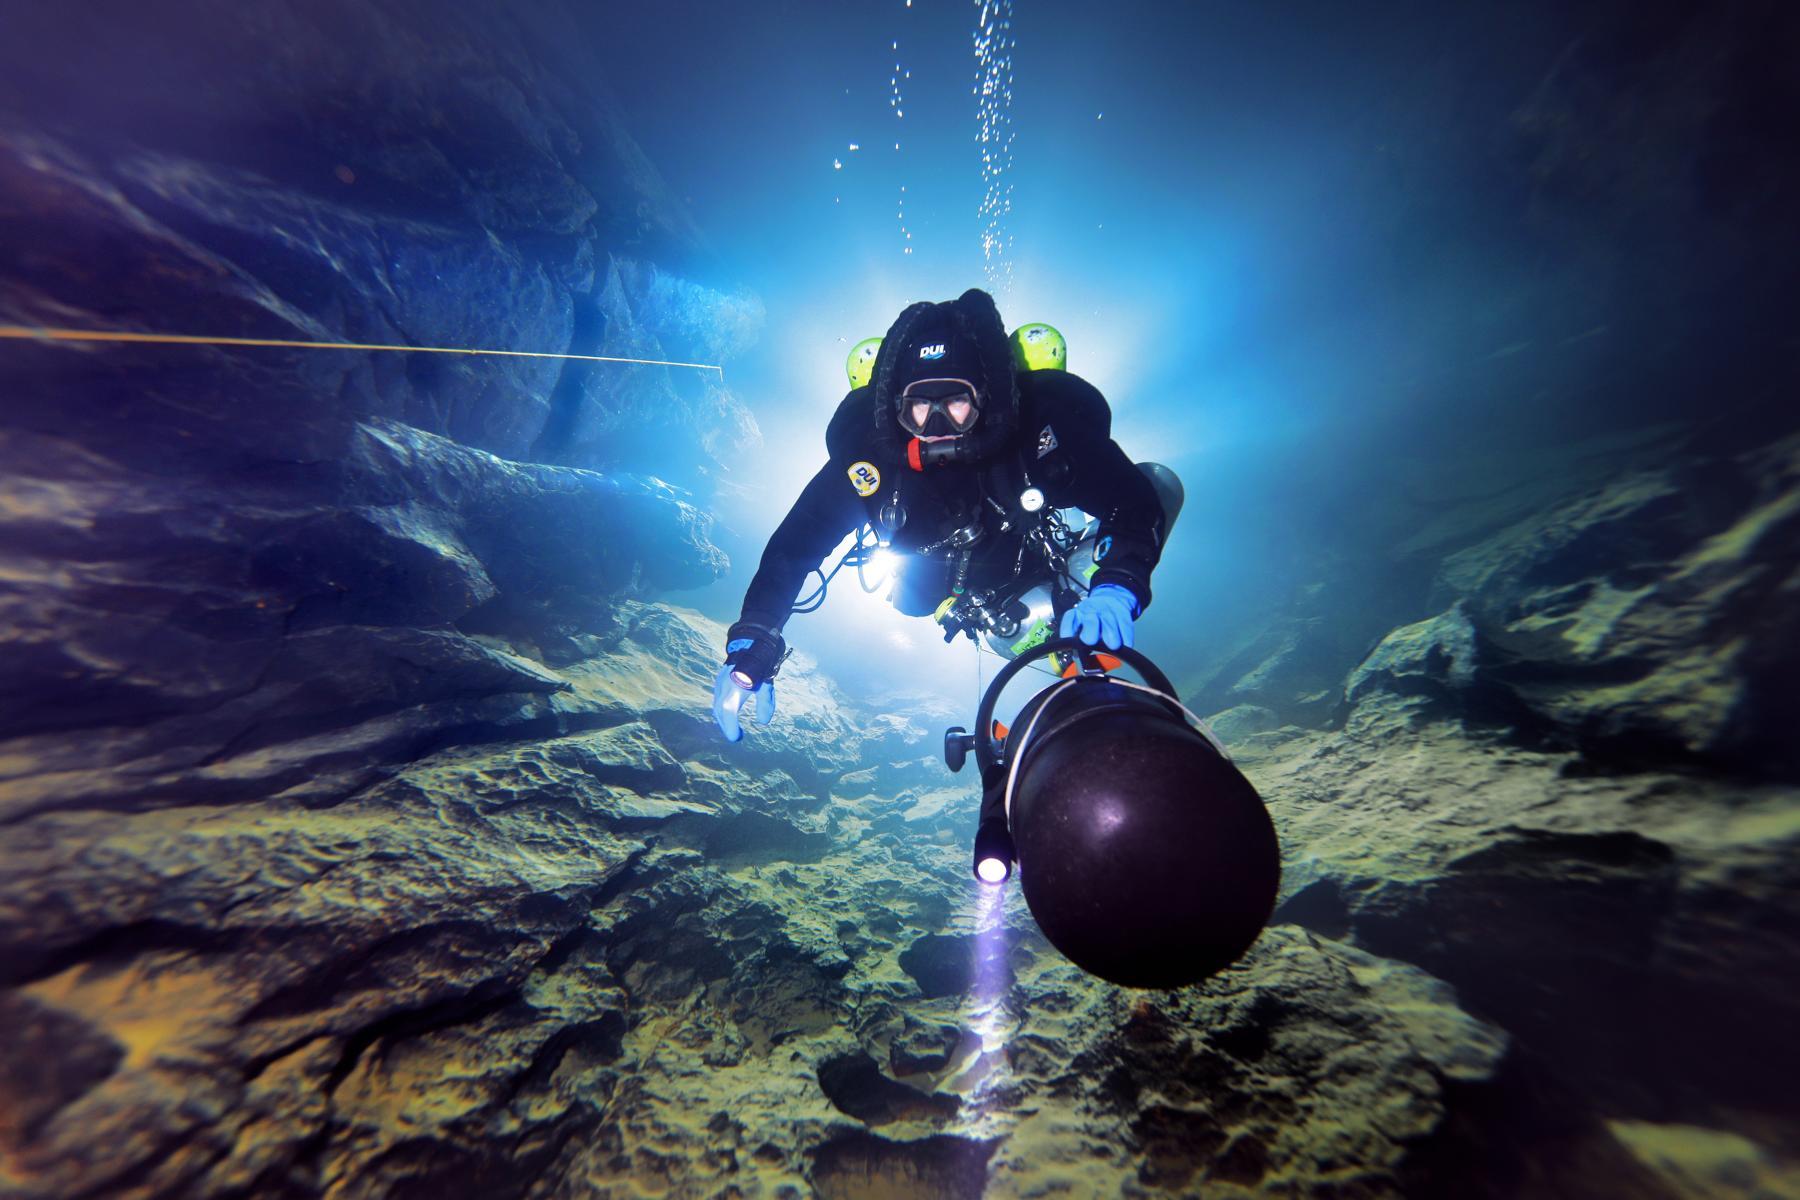 Taucher in der Blauhöhle